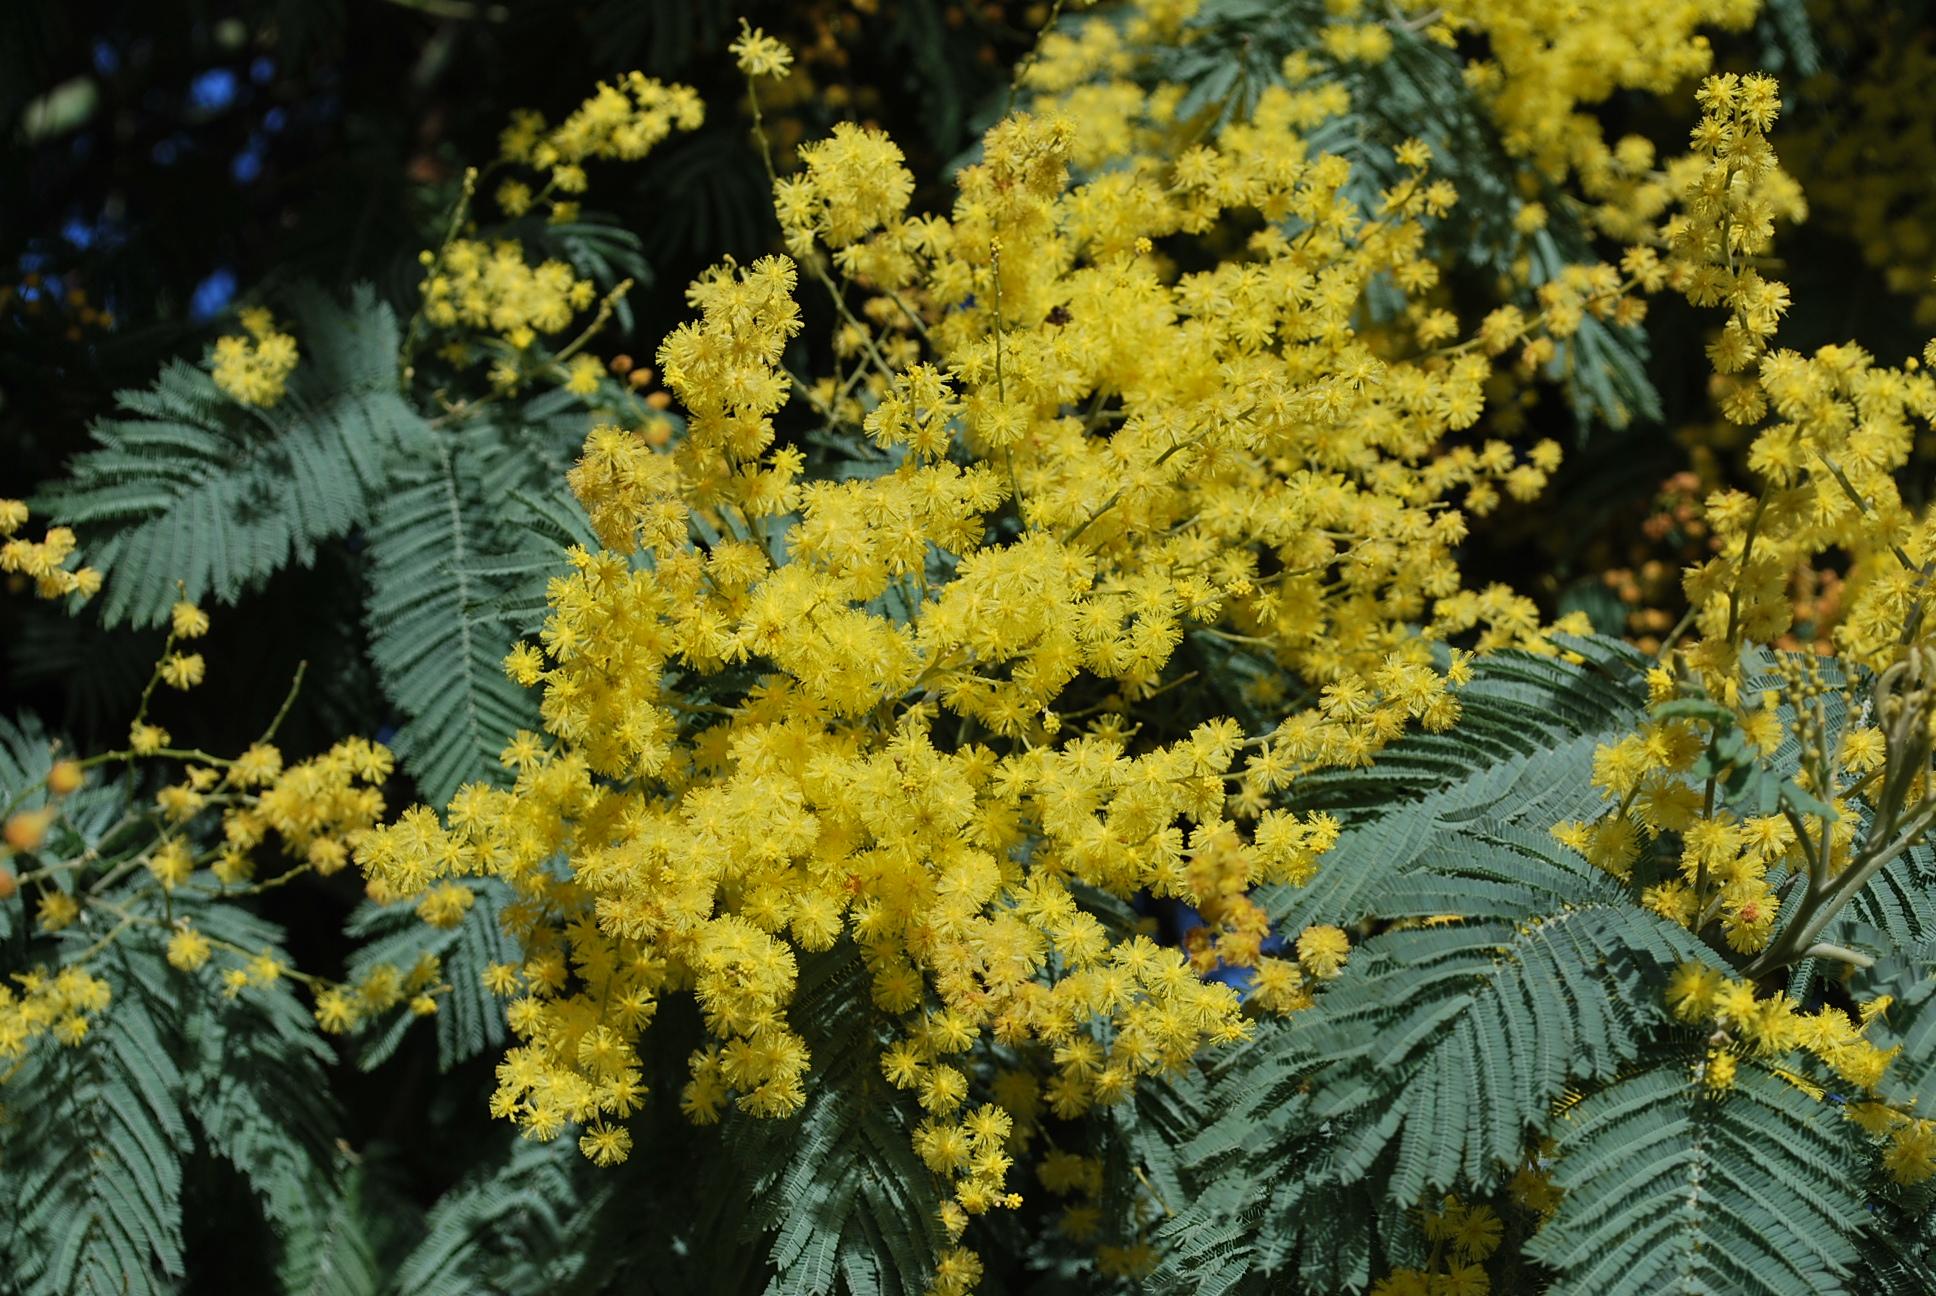 Arbuste Persistant Pour Pot le mimosa en 8 questions | jardin pratique